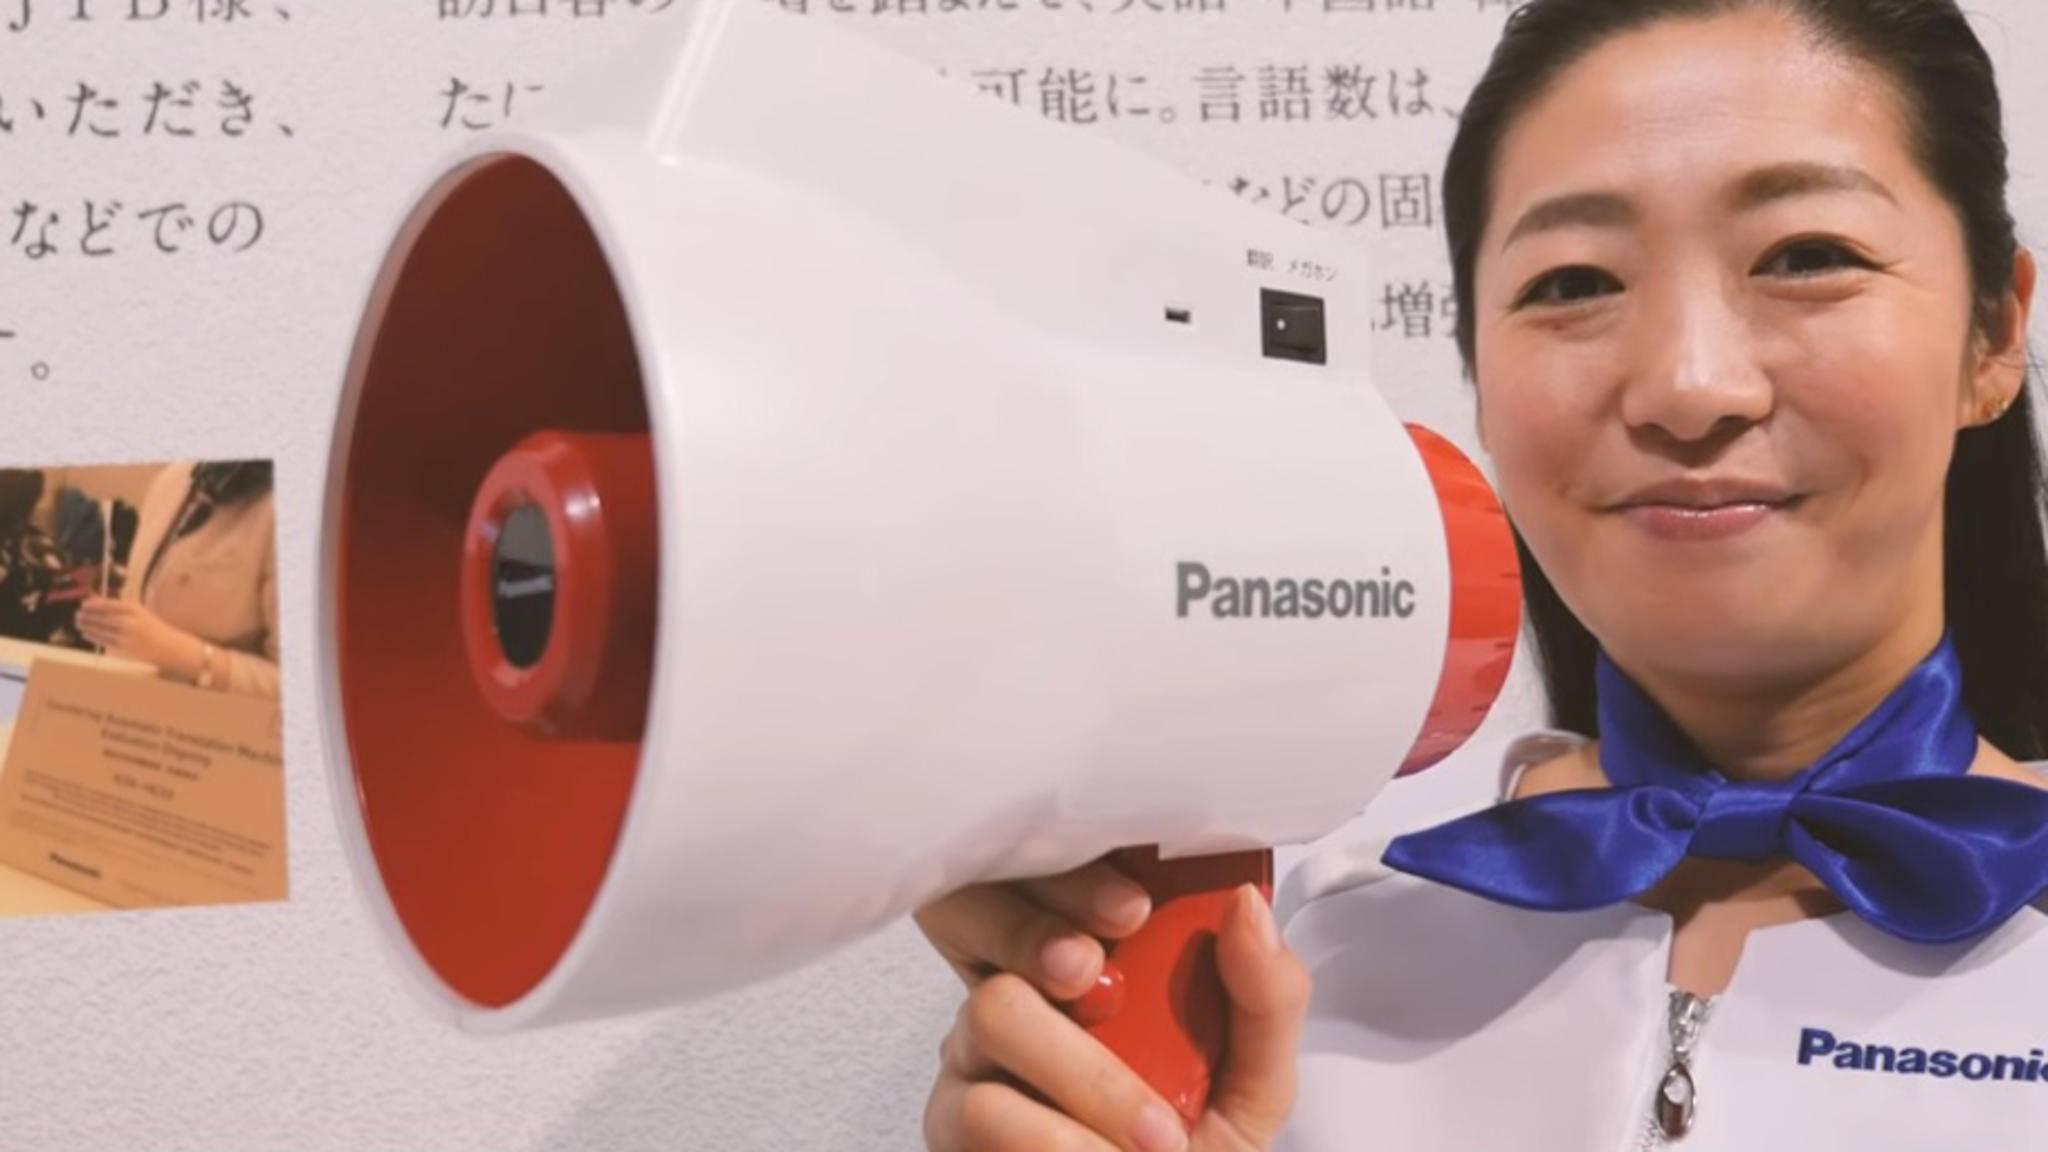 Innerhalb von Sekunden übersetzt das Megafon Japanisch ins Englische.